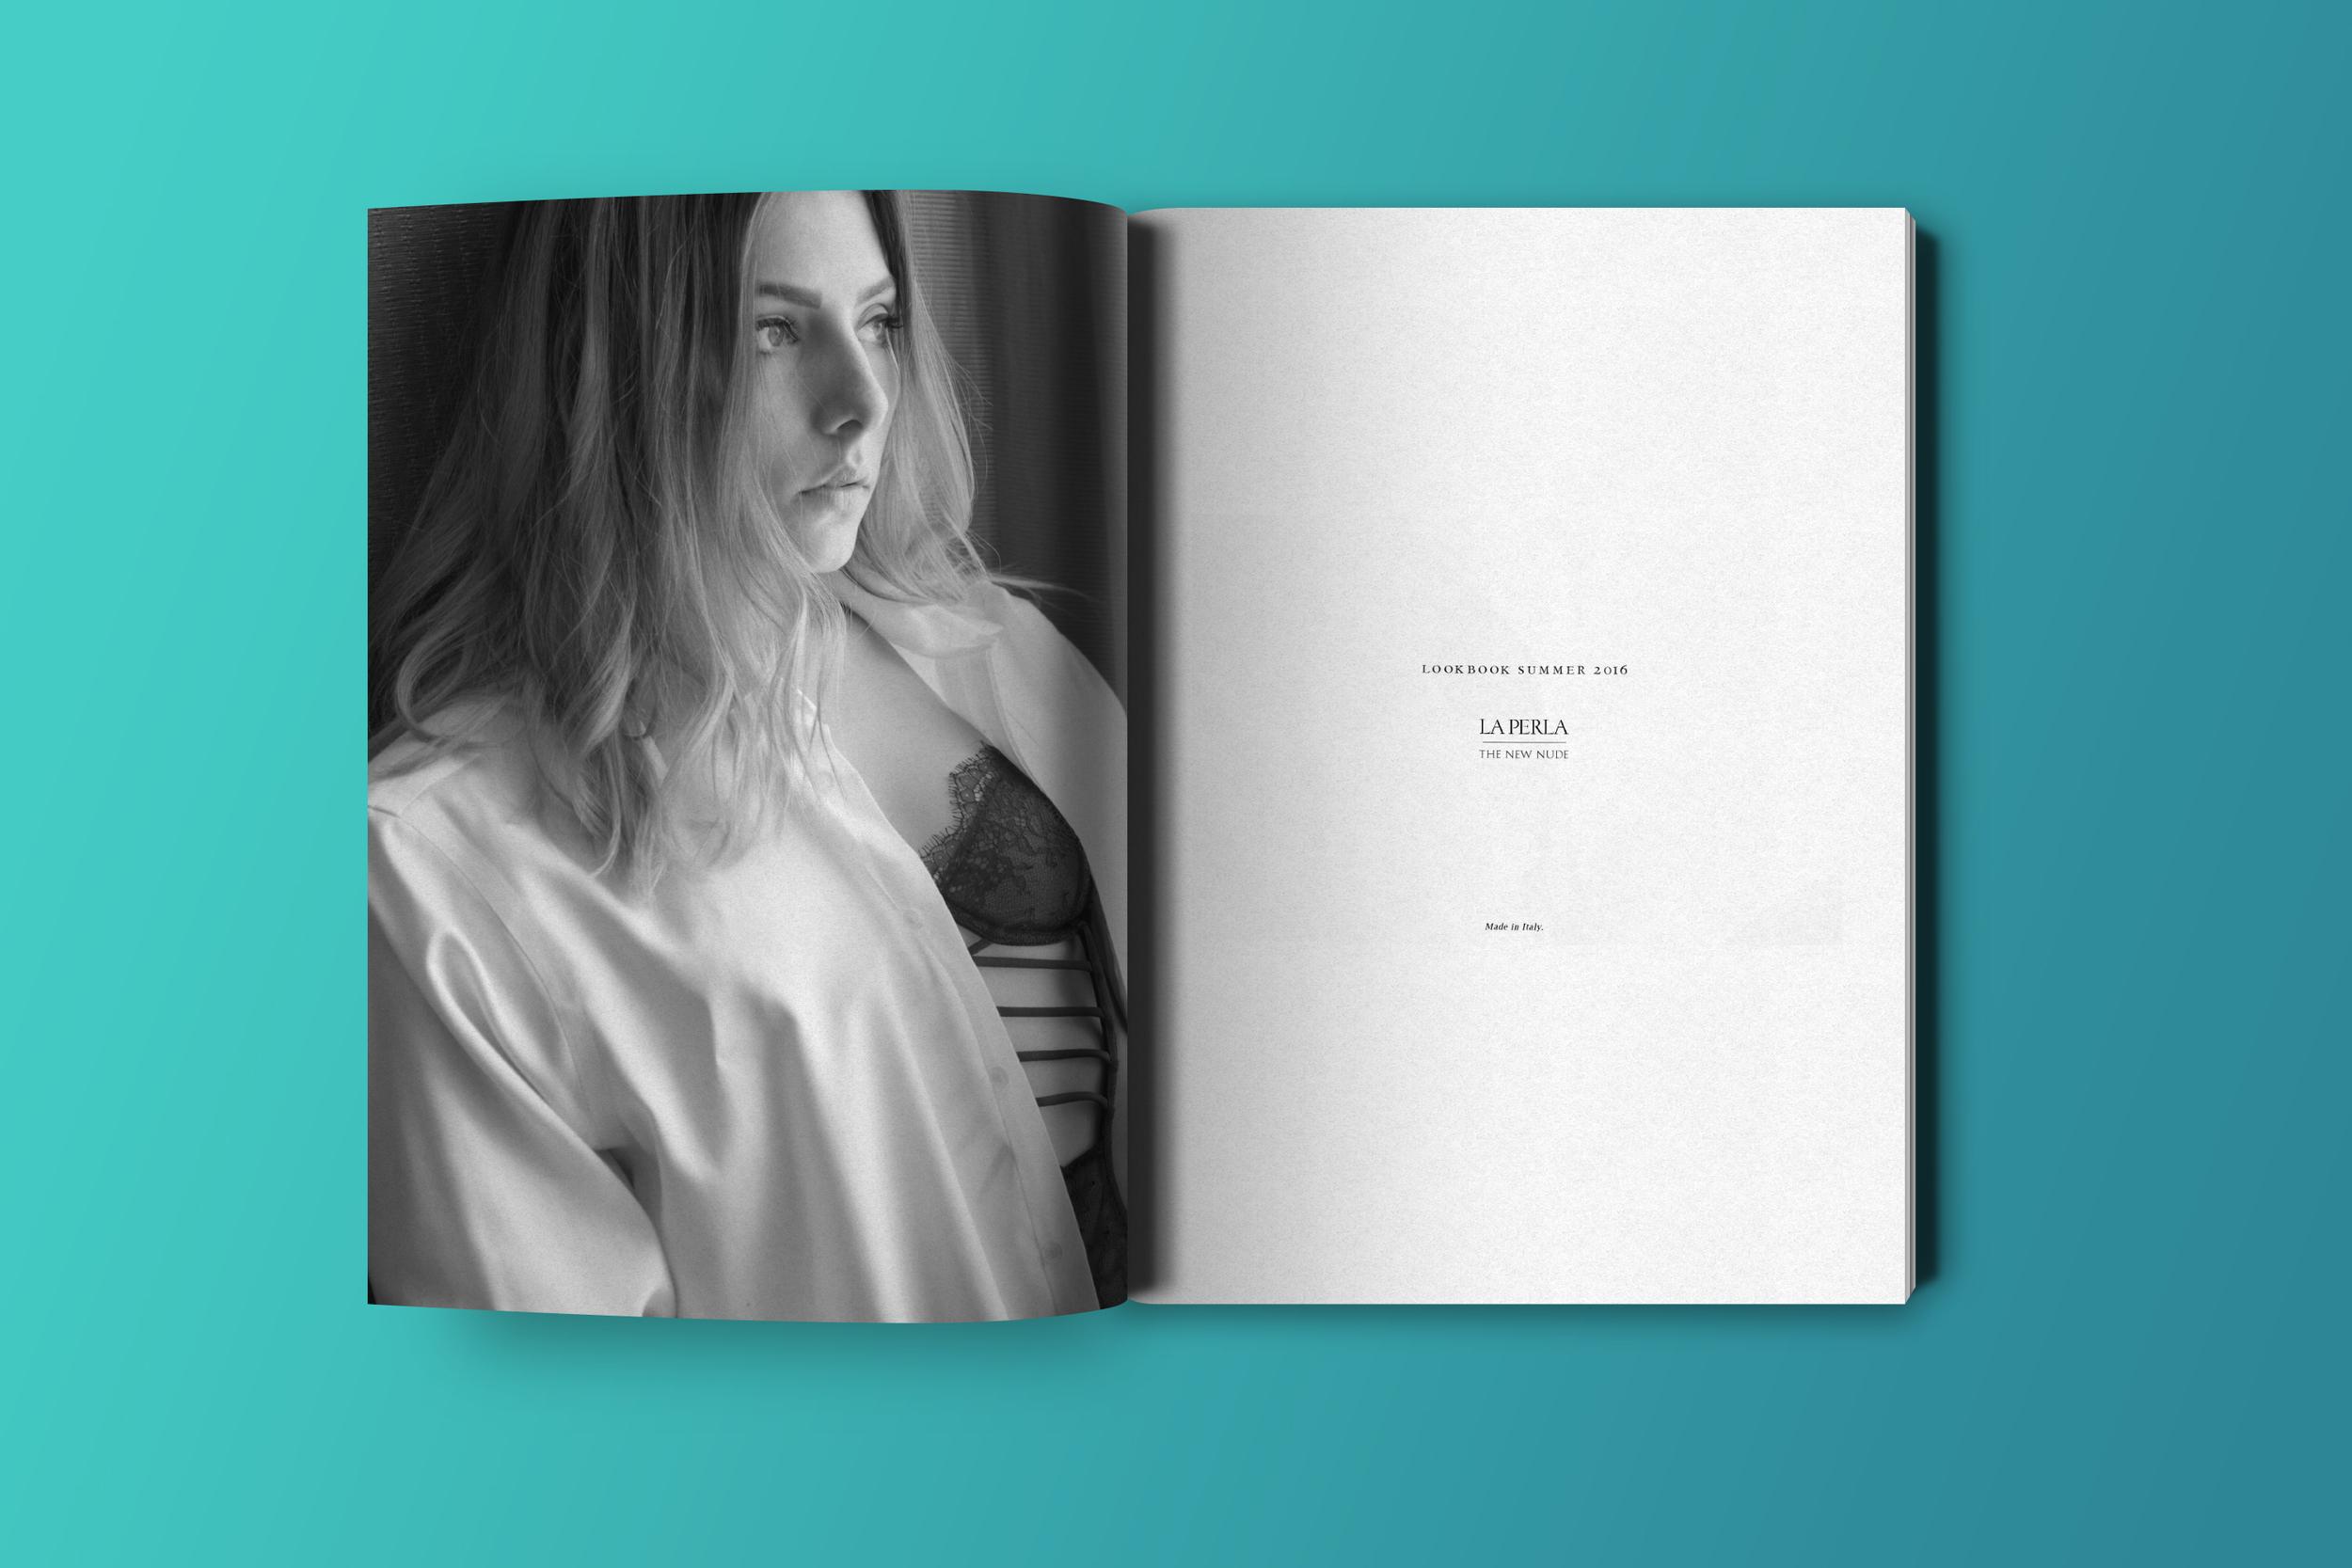 Book_p1_aug16.jpg